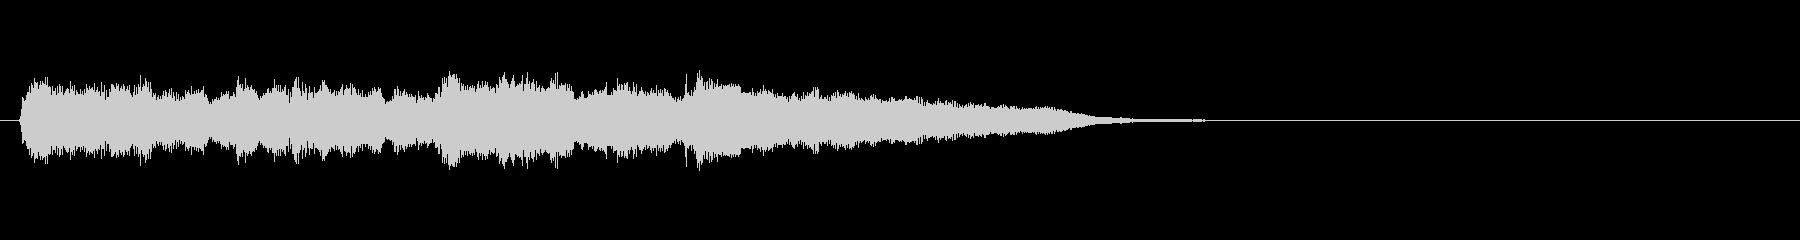 ジングル(クラシック調)の未再生の波形